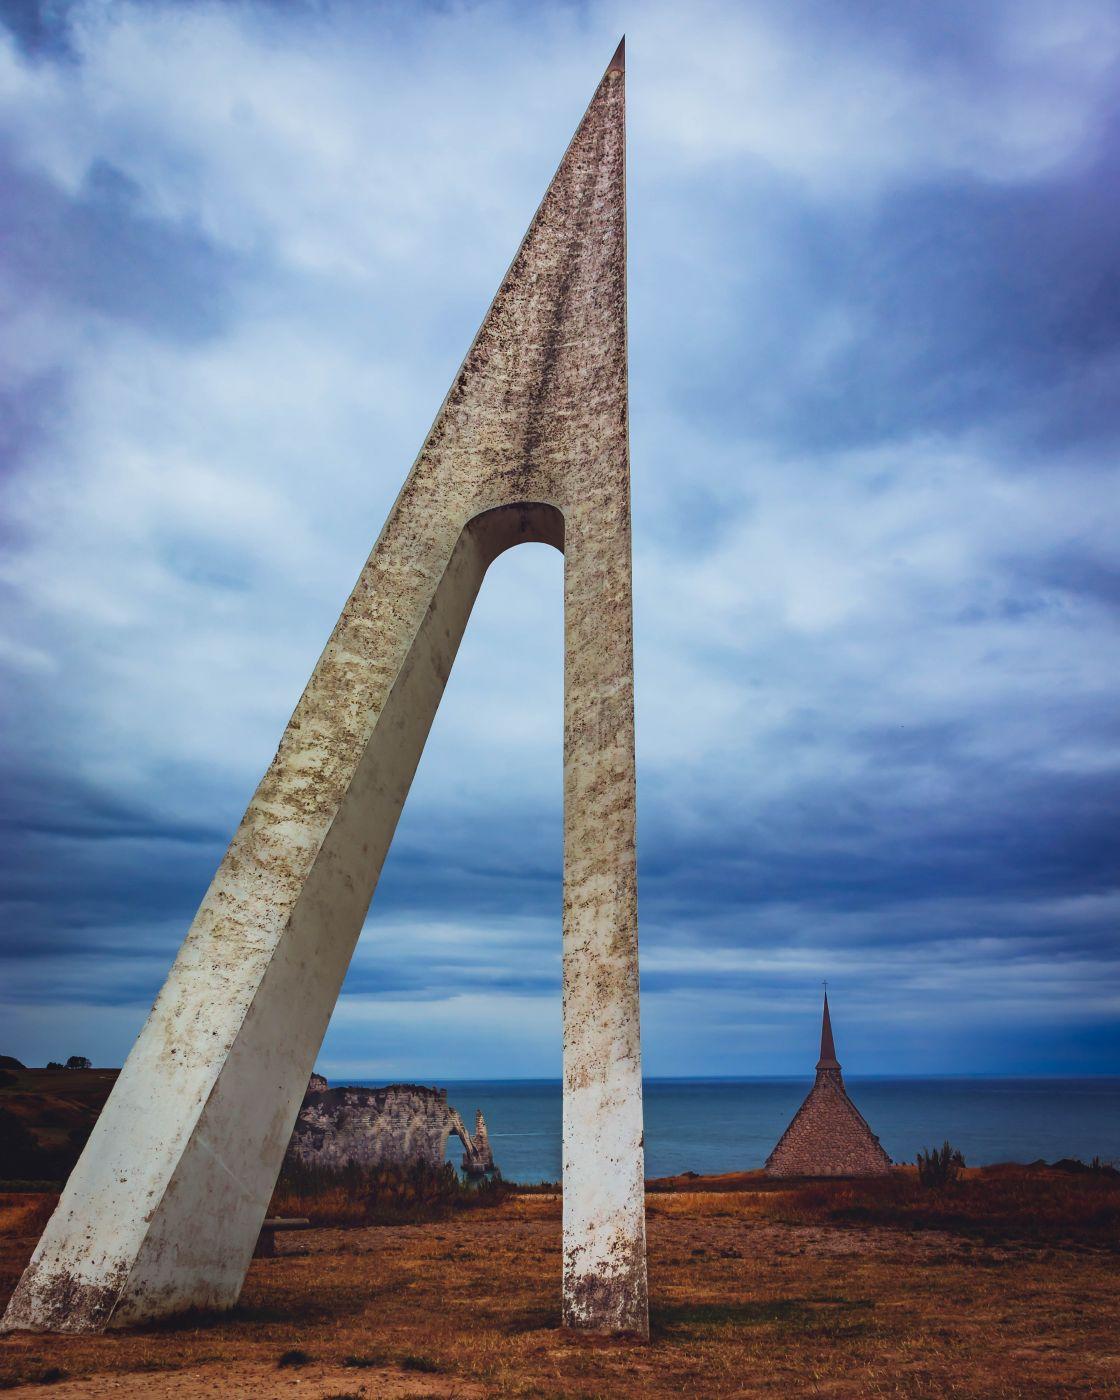 Monument L'Oiseau Blanc, France